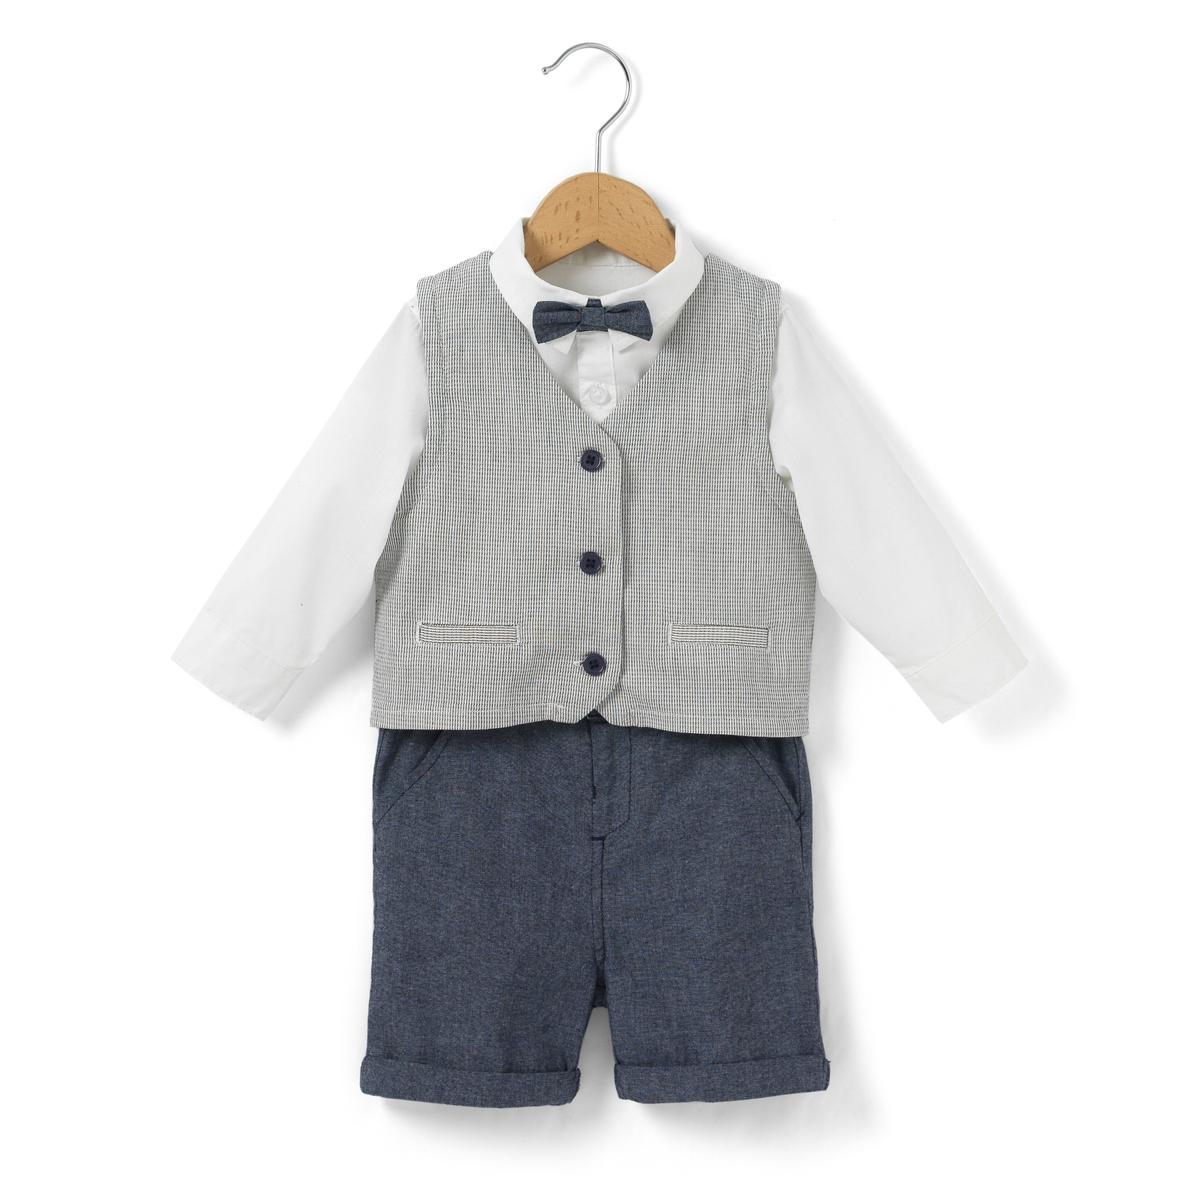 Комплект из однотонной рубашки с воротником-поло и шортов блузки и рубашки